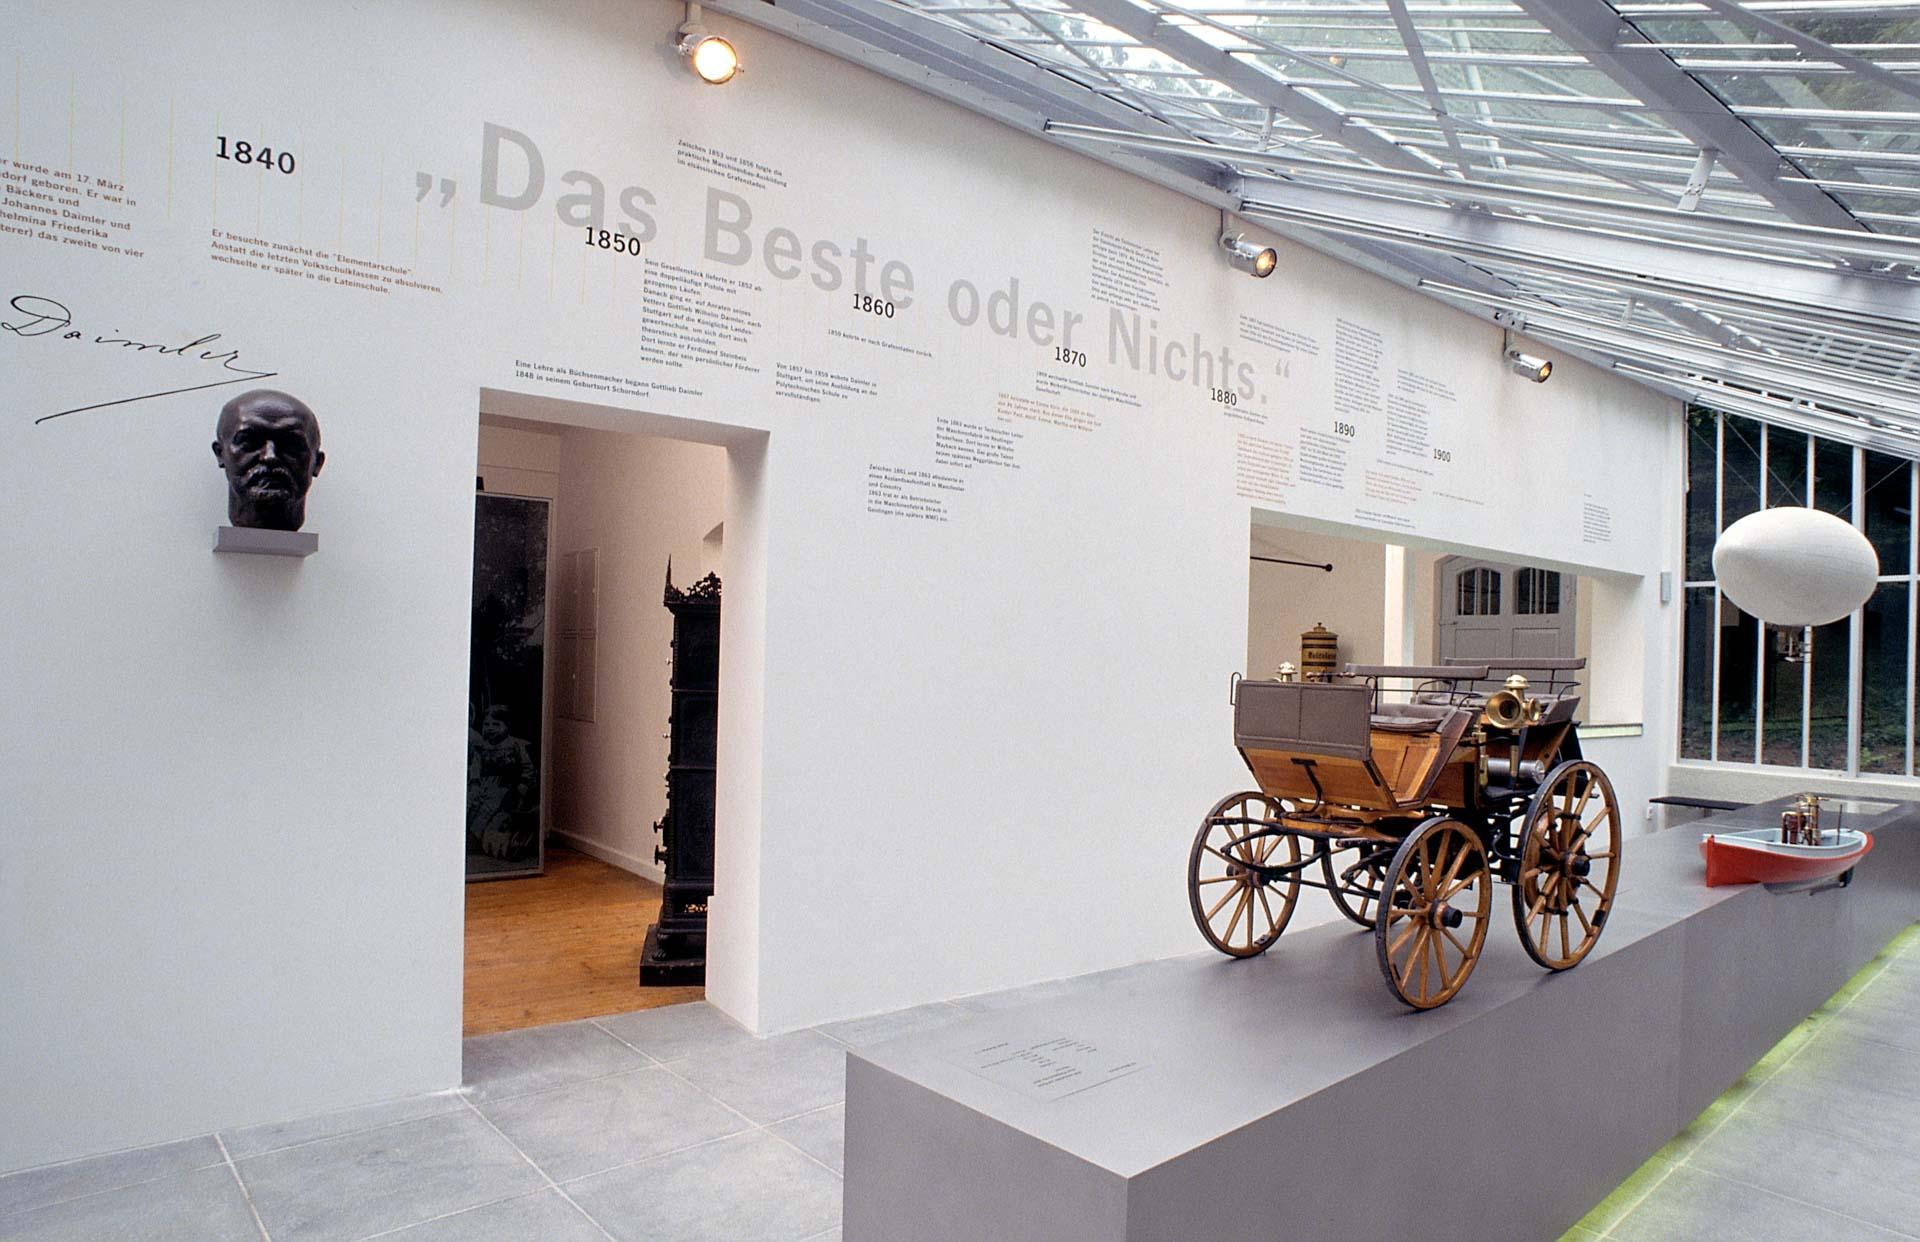 """Gottlieb-Daimler-Gedächtnisstätte in Stuttgart-Bad Cannstatt mit der rekonstruierten Versuchswerkstatt des Automobilerfinders Gottlieb Daimler. Ausstellung im Gewächshaus mit Büste und einem Modell der """"Motorkutsche"""""""